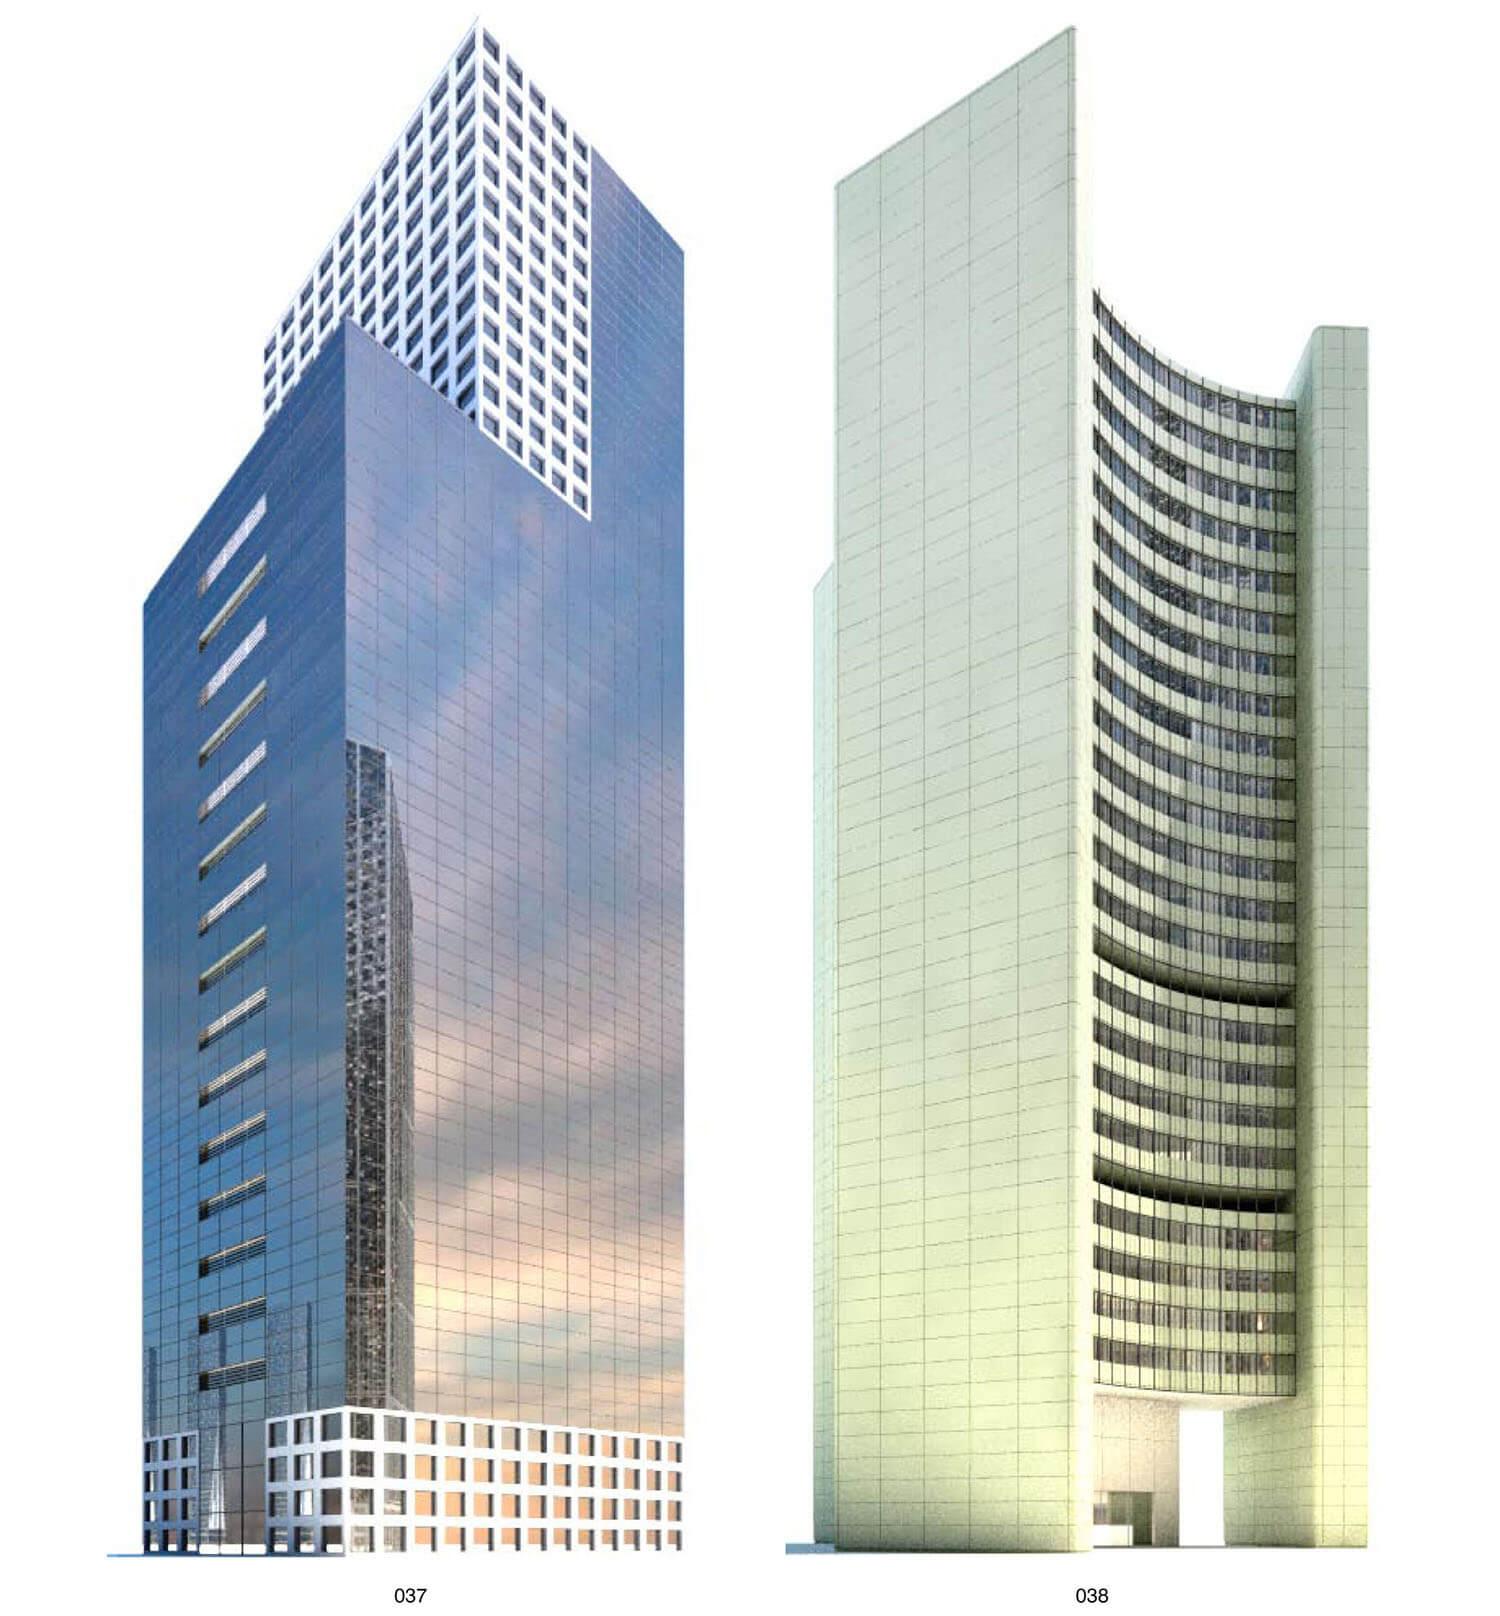 Sự đối lập của 2 kiến trúc: Kính và Bê tông